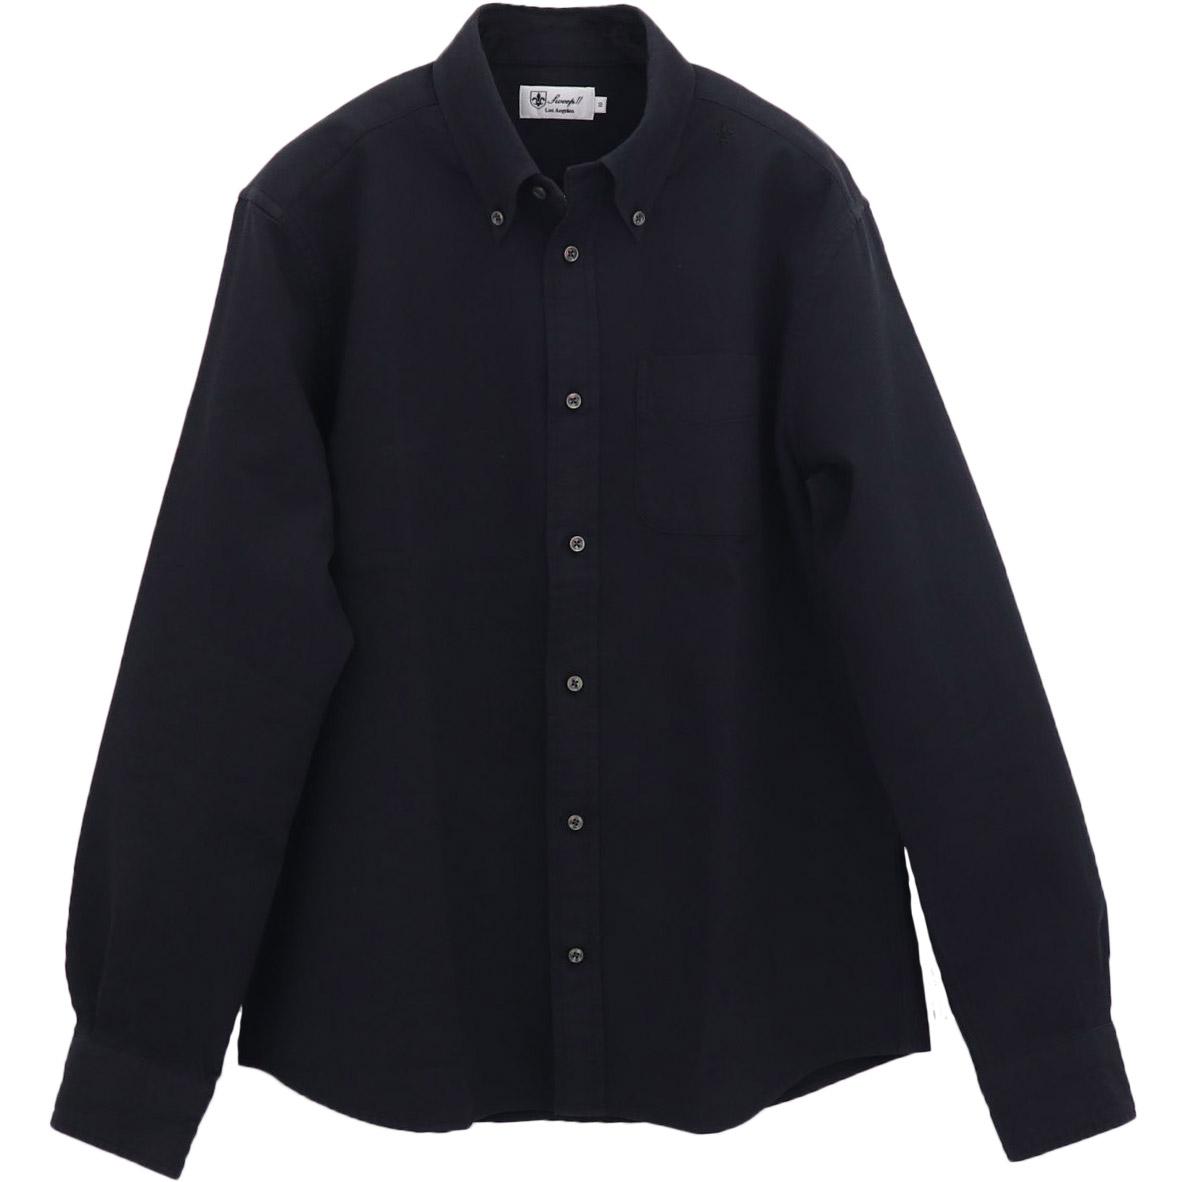 高密度ワッフル ボタンダウンシャツ BLACK (ブラック)